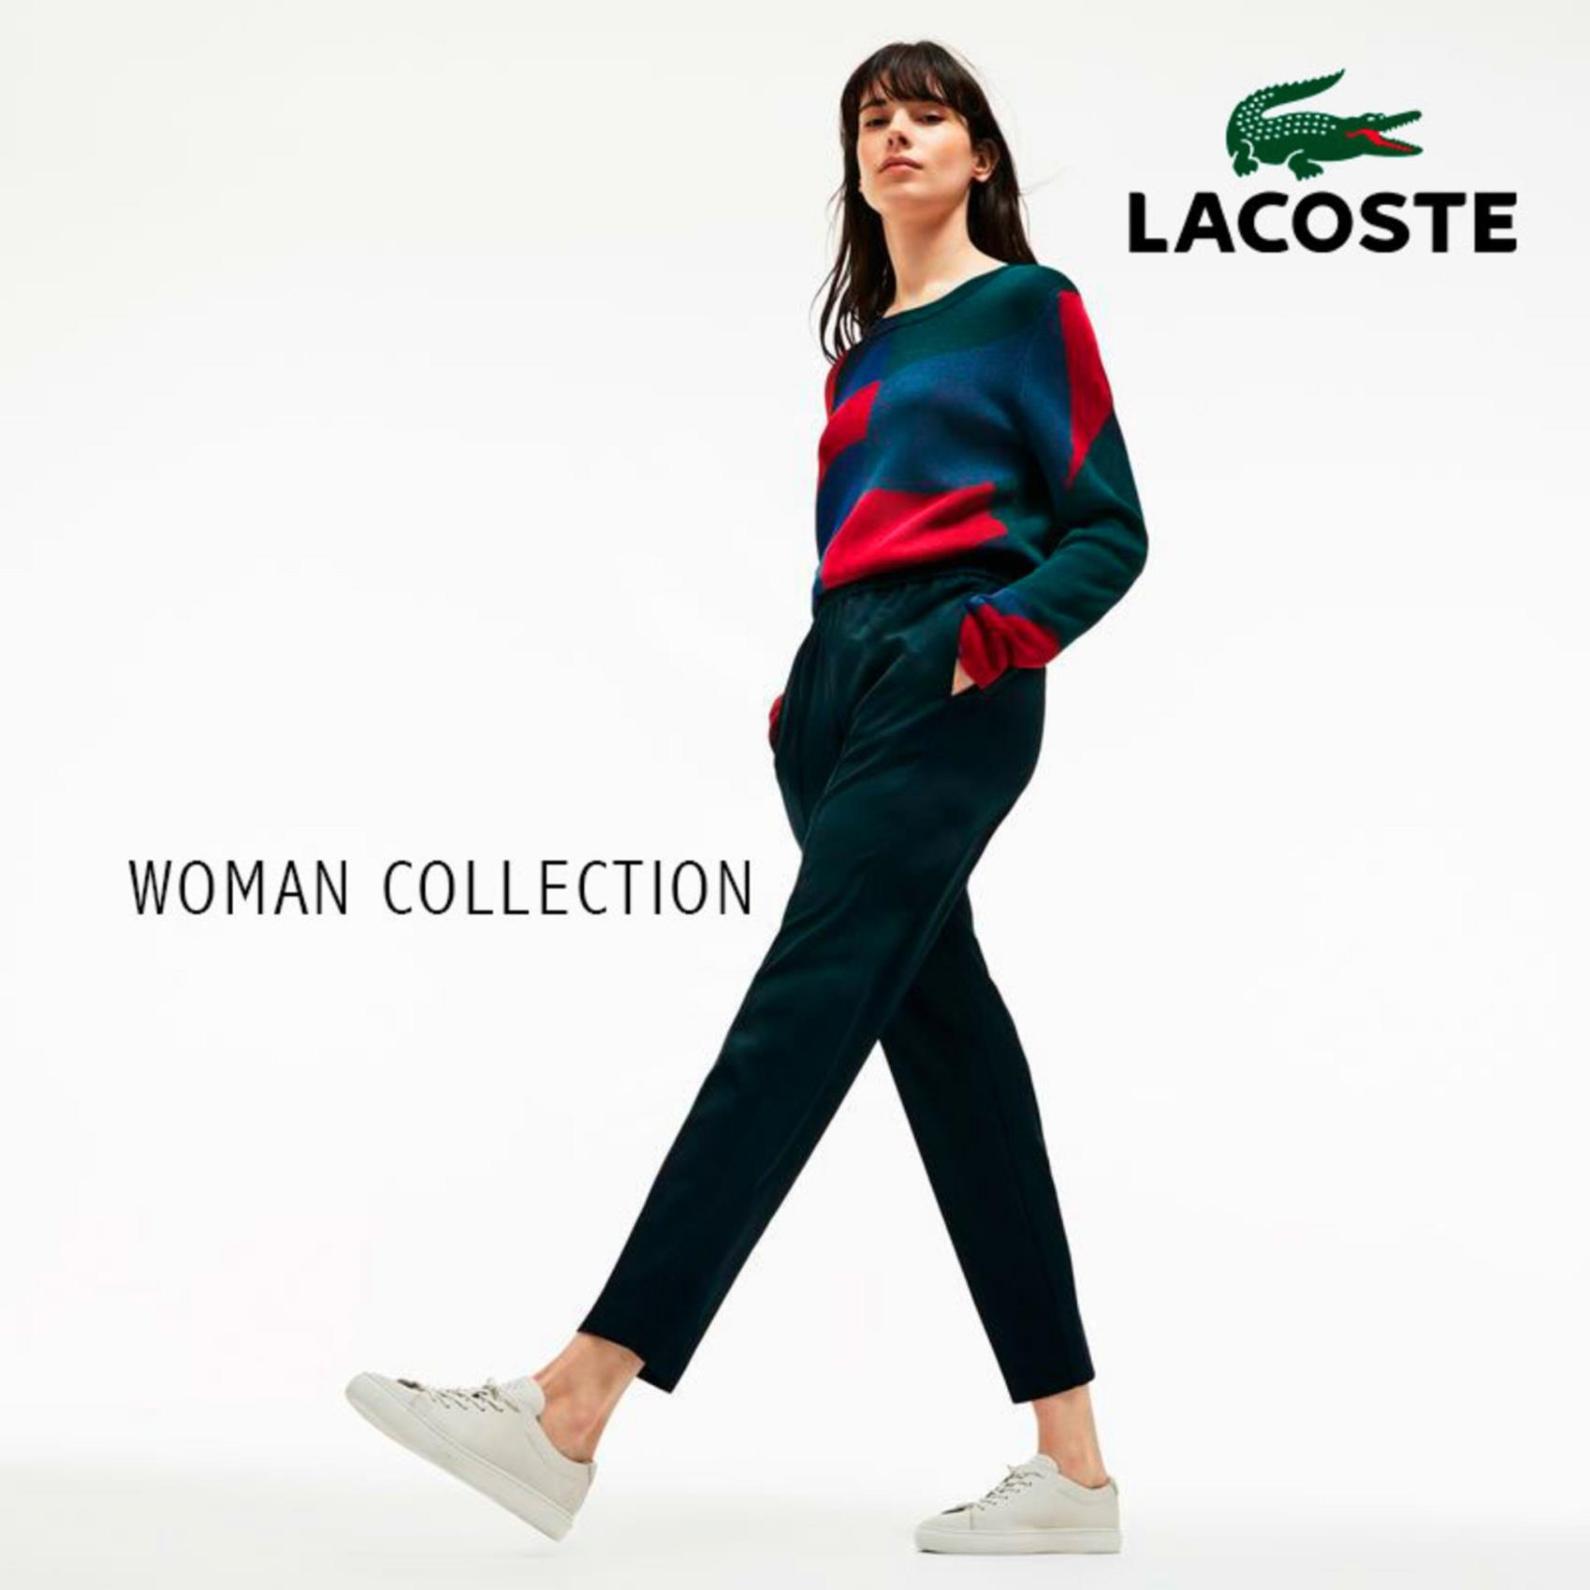 法国名牌Lacoste鳄鱼低至半价大促! 低至$34!